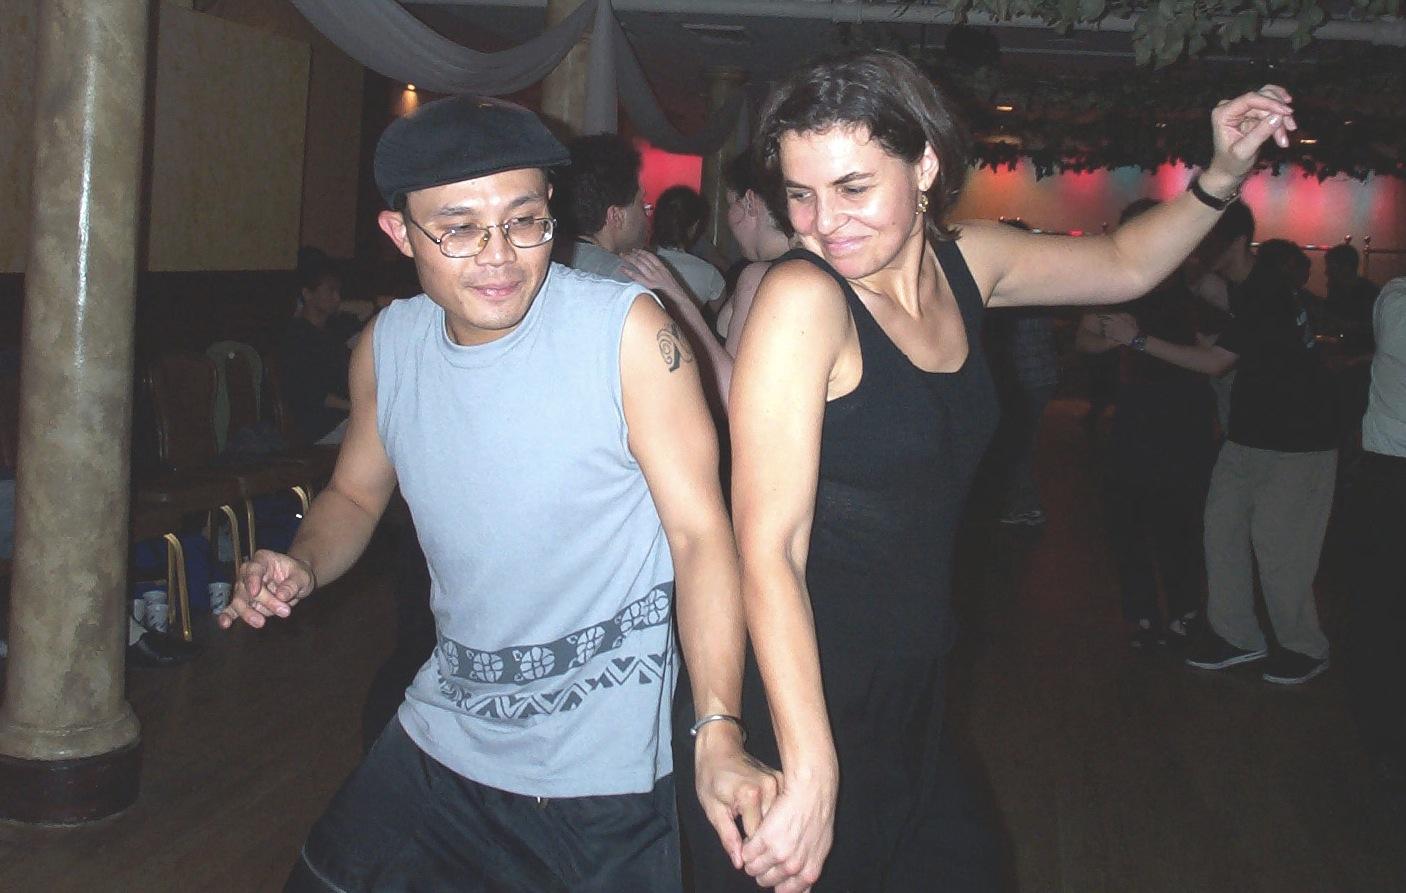 Rik and nina dancing 2001